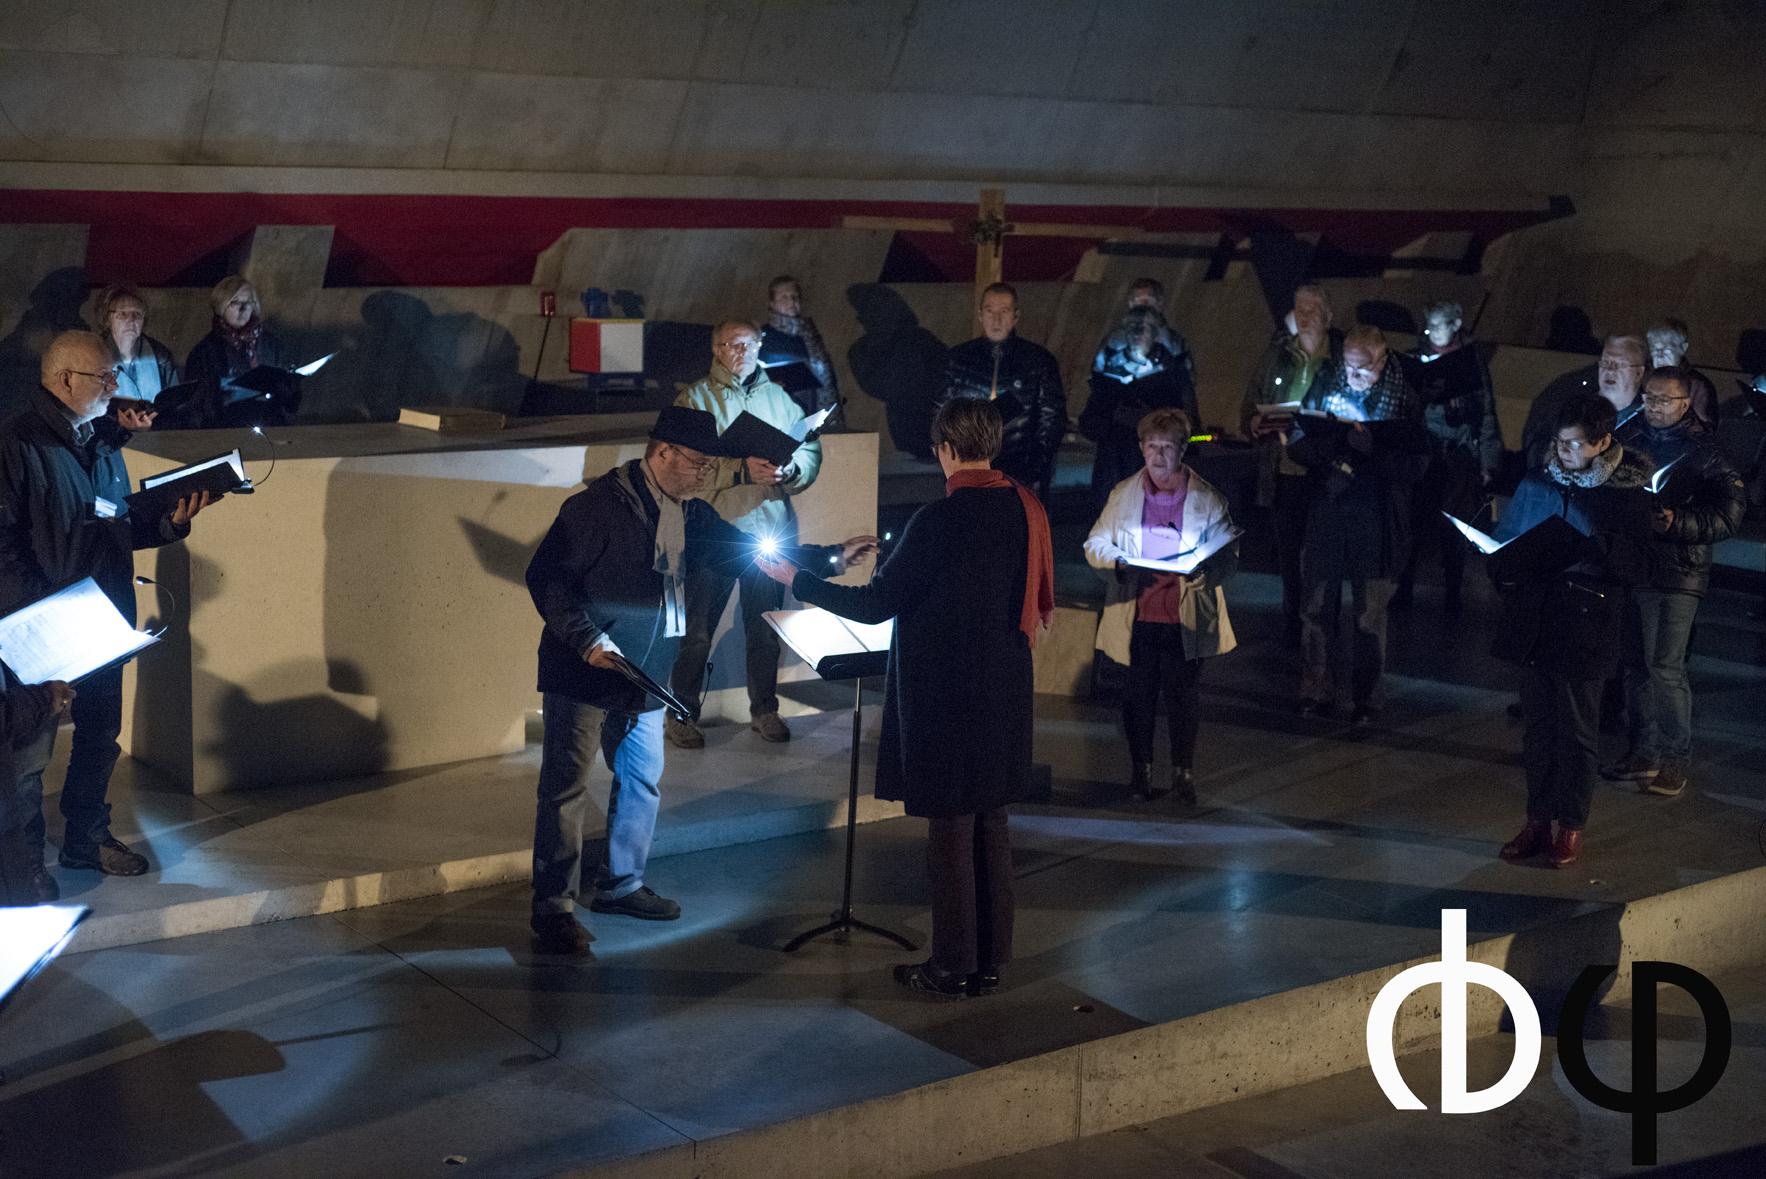 generale du concert décalé, 24 mars 2017